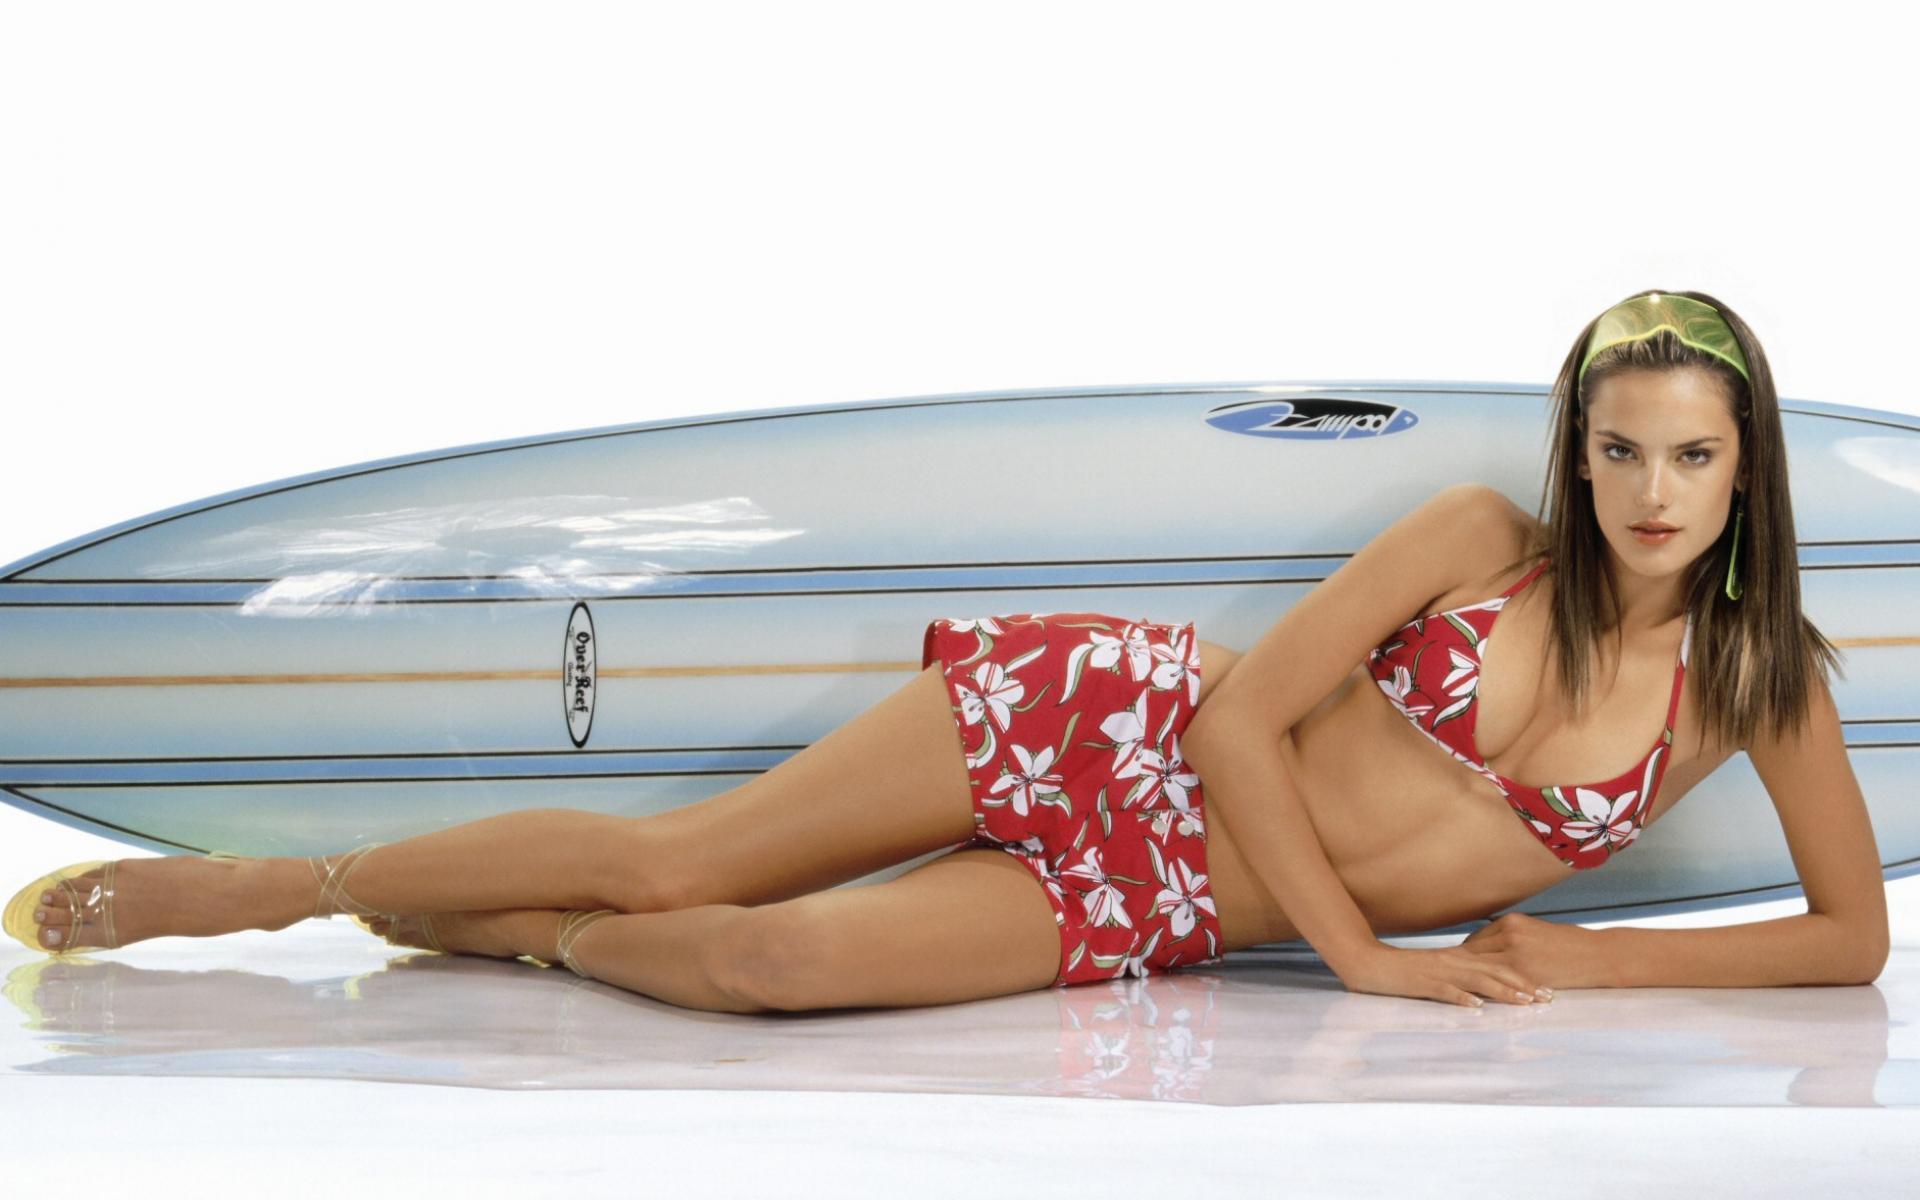 Фотографии самых красивых девушек в купальниках 6 фотография